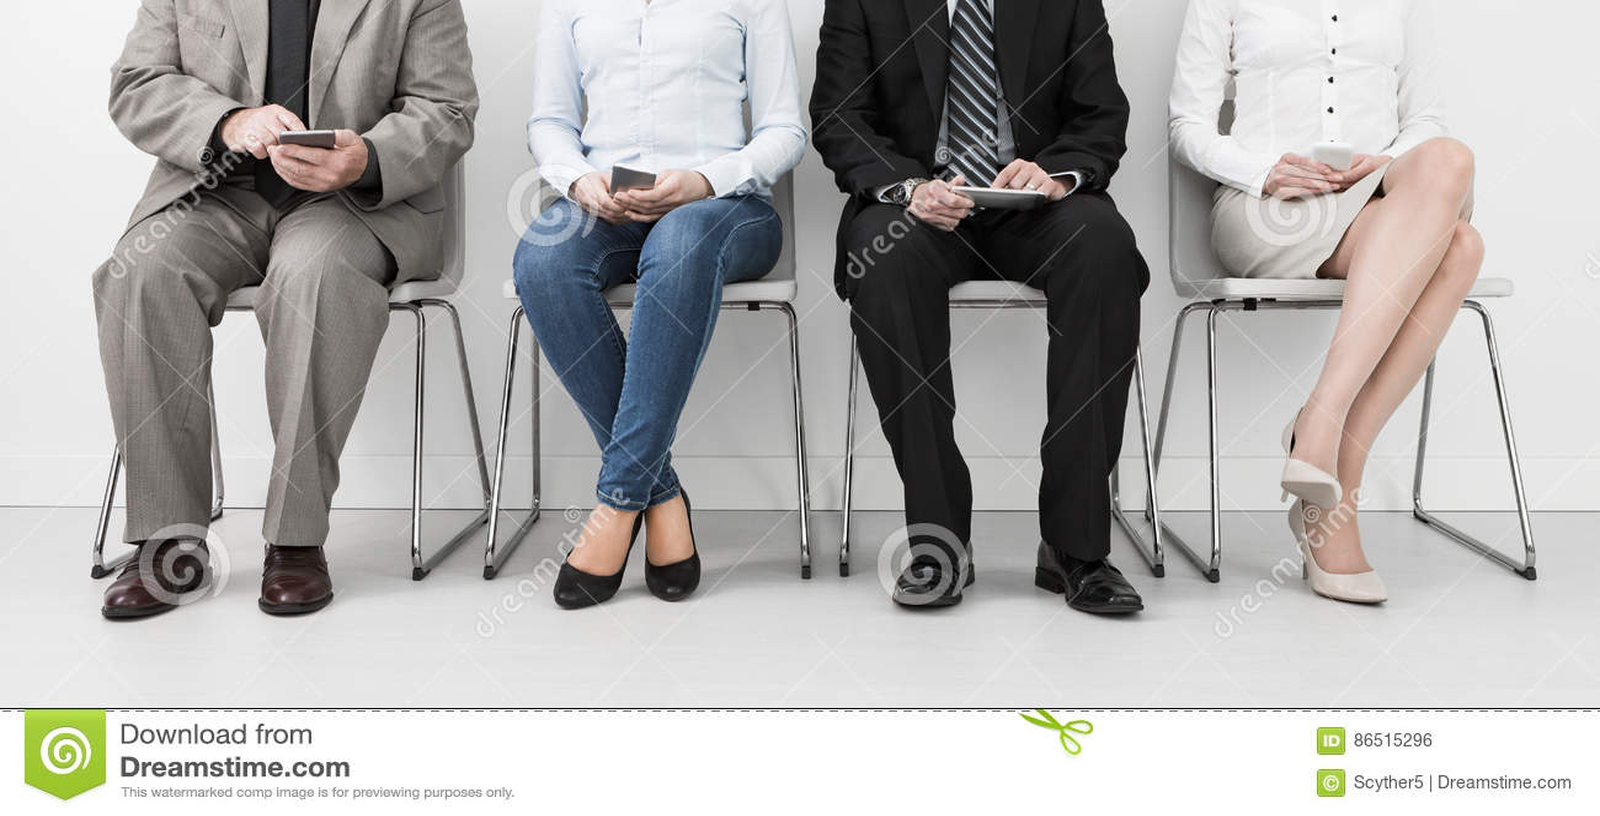 Aluguer de aluguer de recrutamento do recruta do recrutamento - conceitos